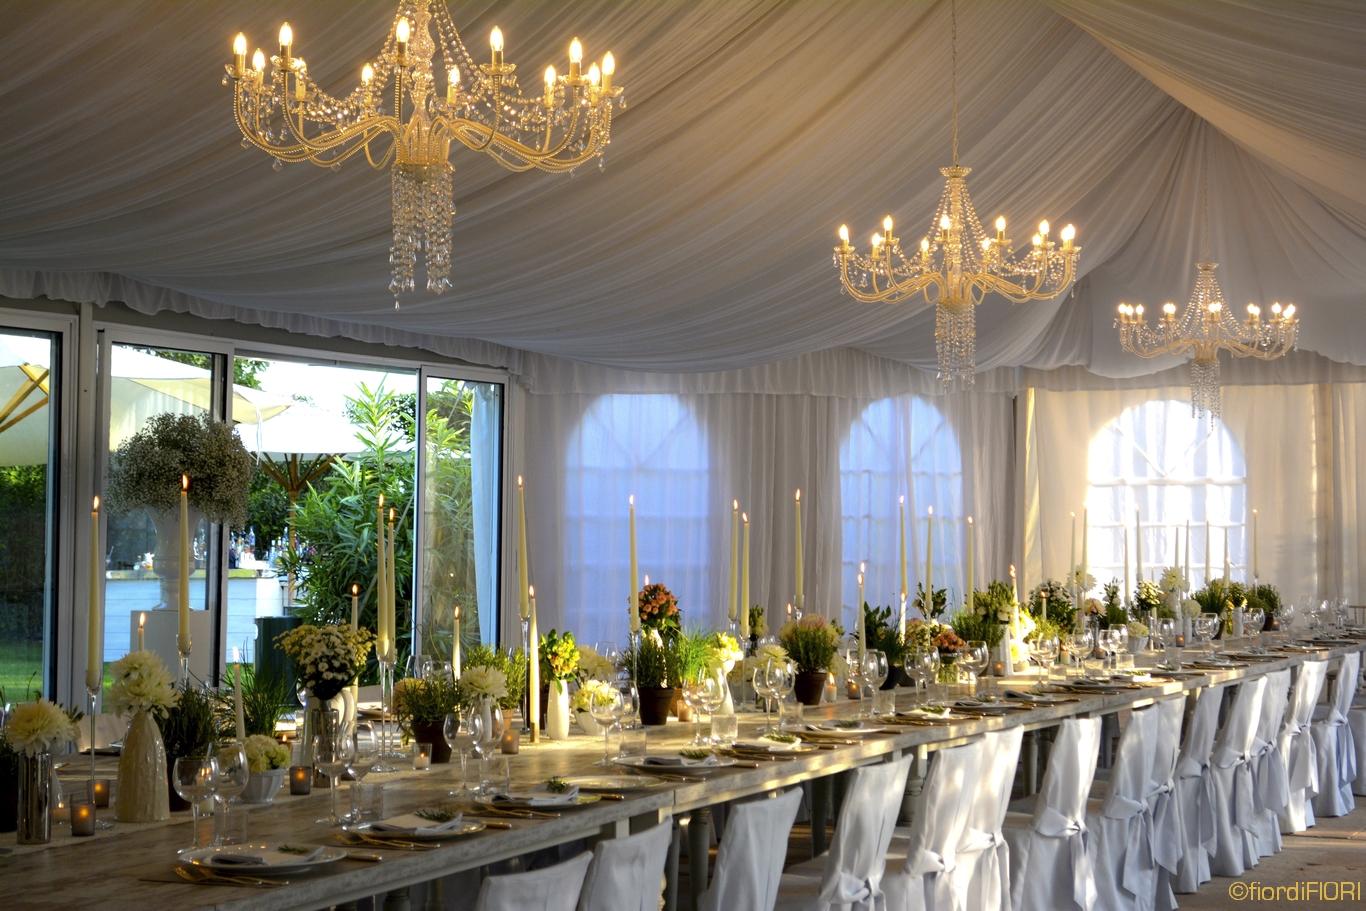 Matrimonio Rustico Tavolo : Fiordifiori ricevimento con tavolo imperiale